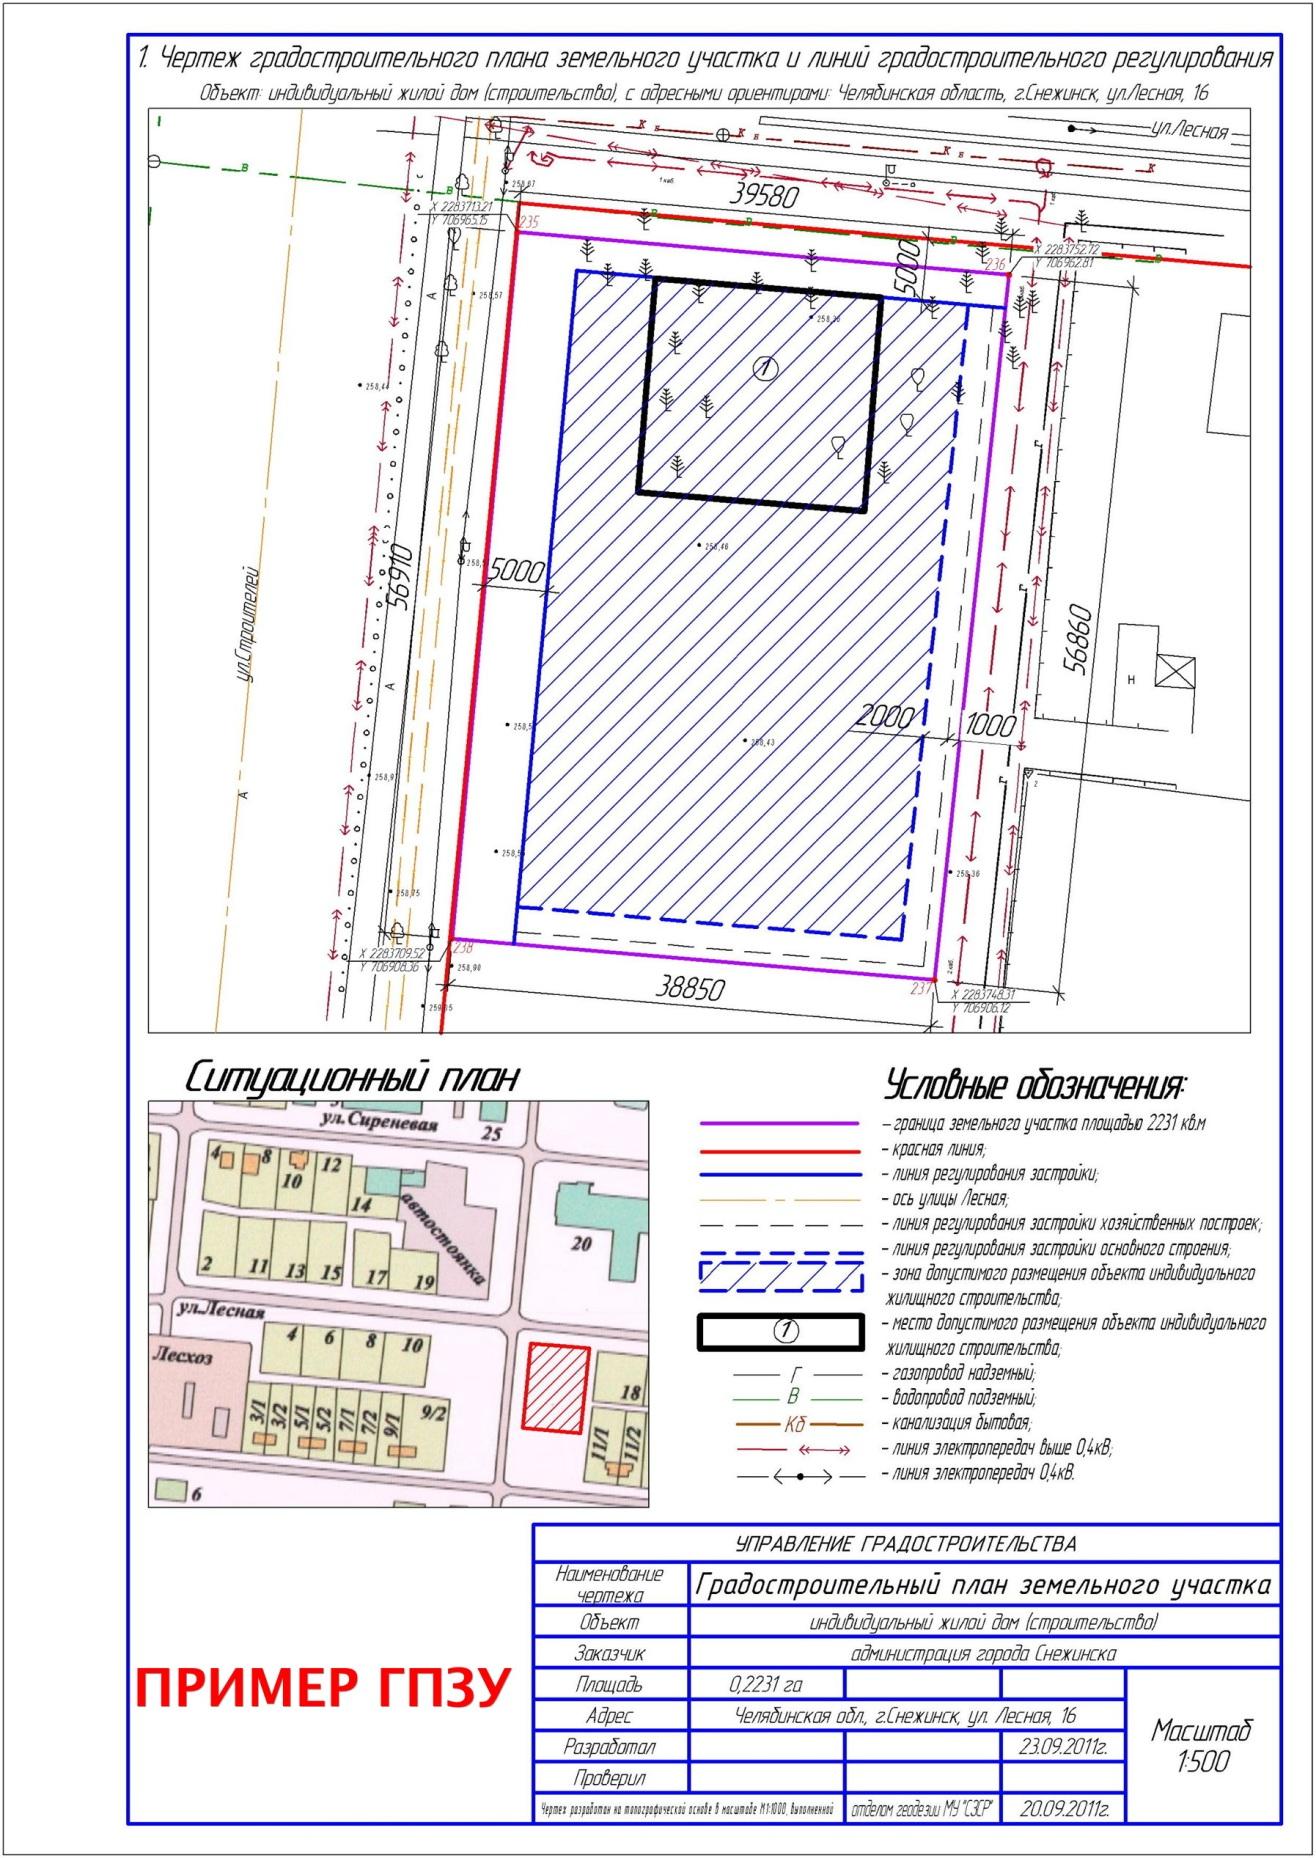 Образец градостроительный план земельного участка